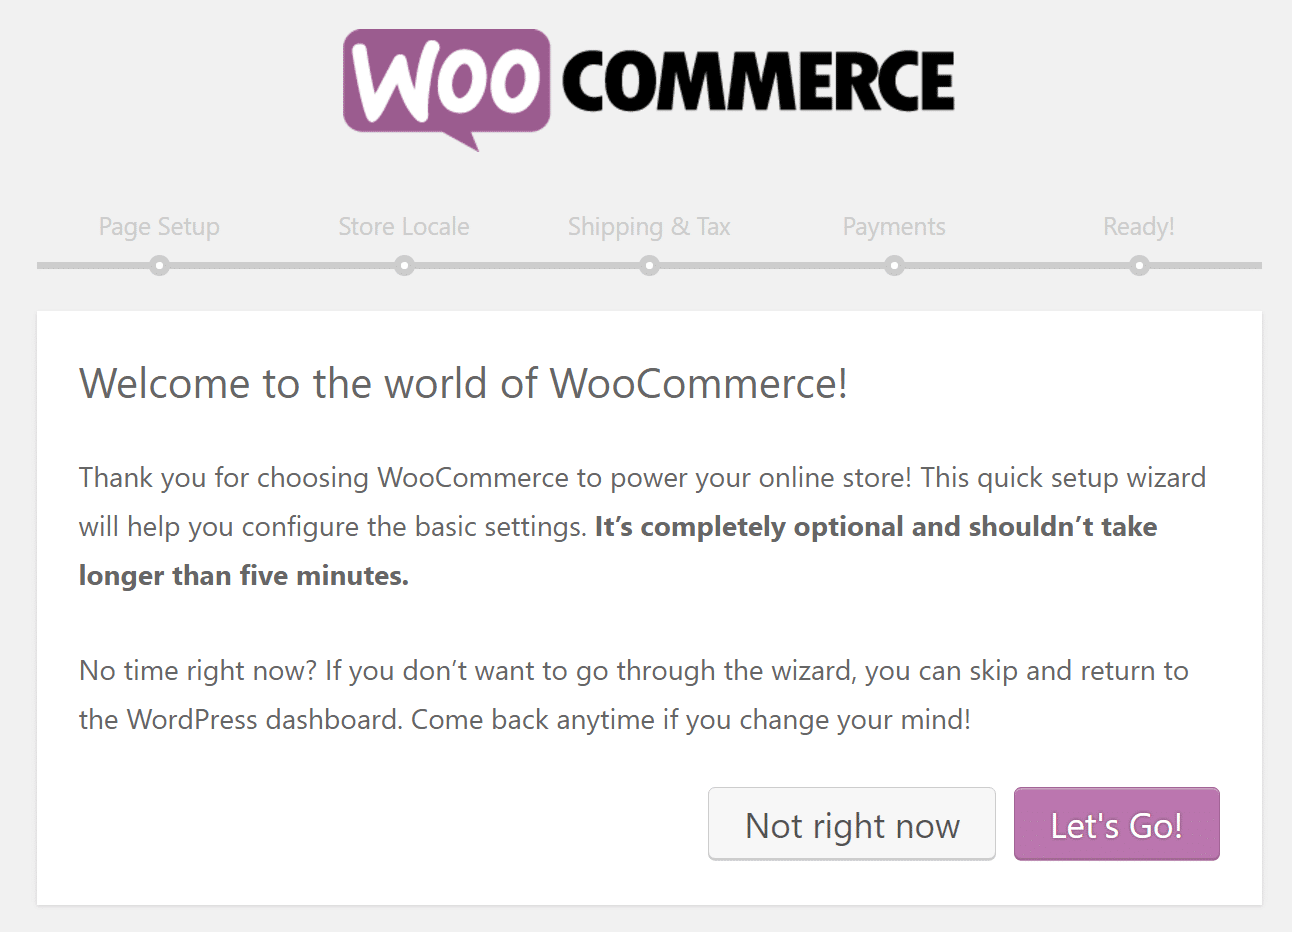 De installatiewizard van WooCommerce